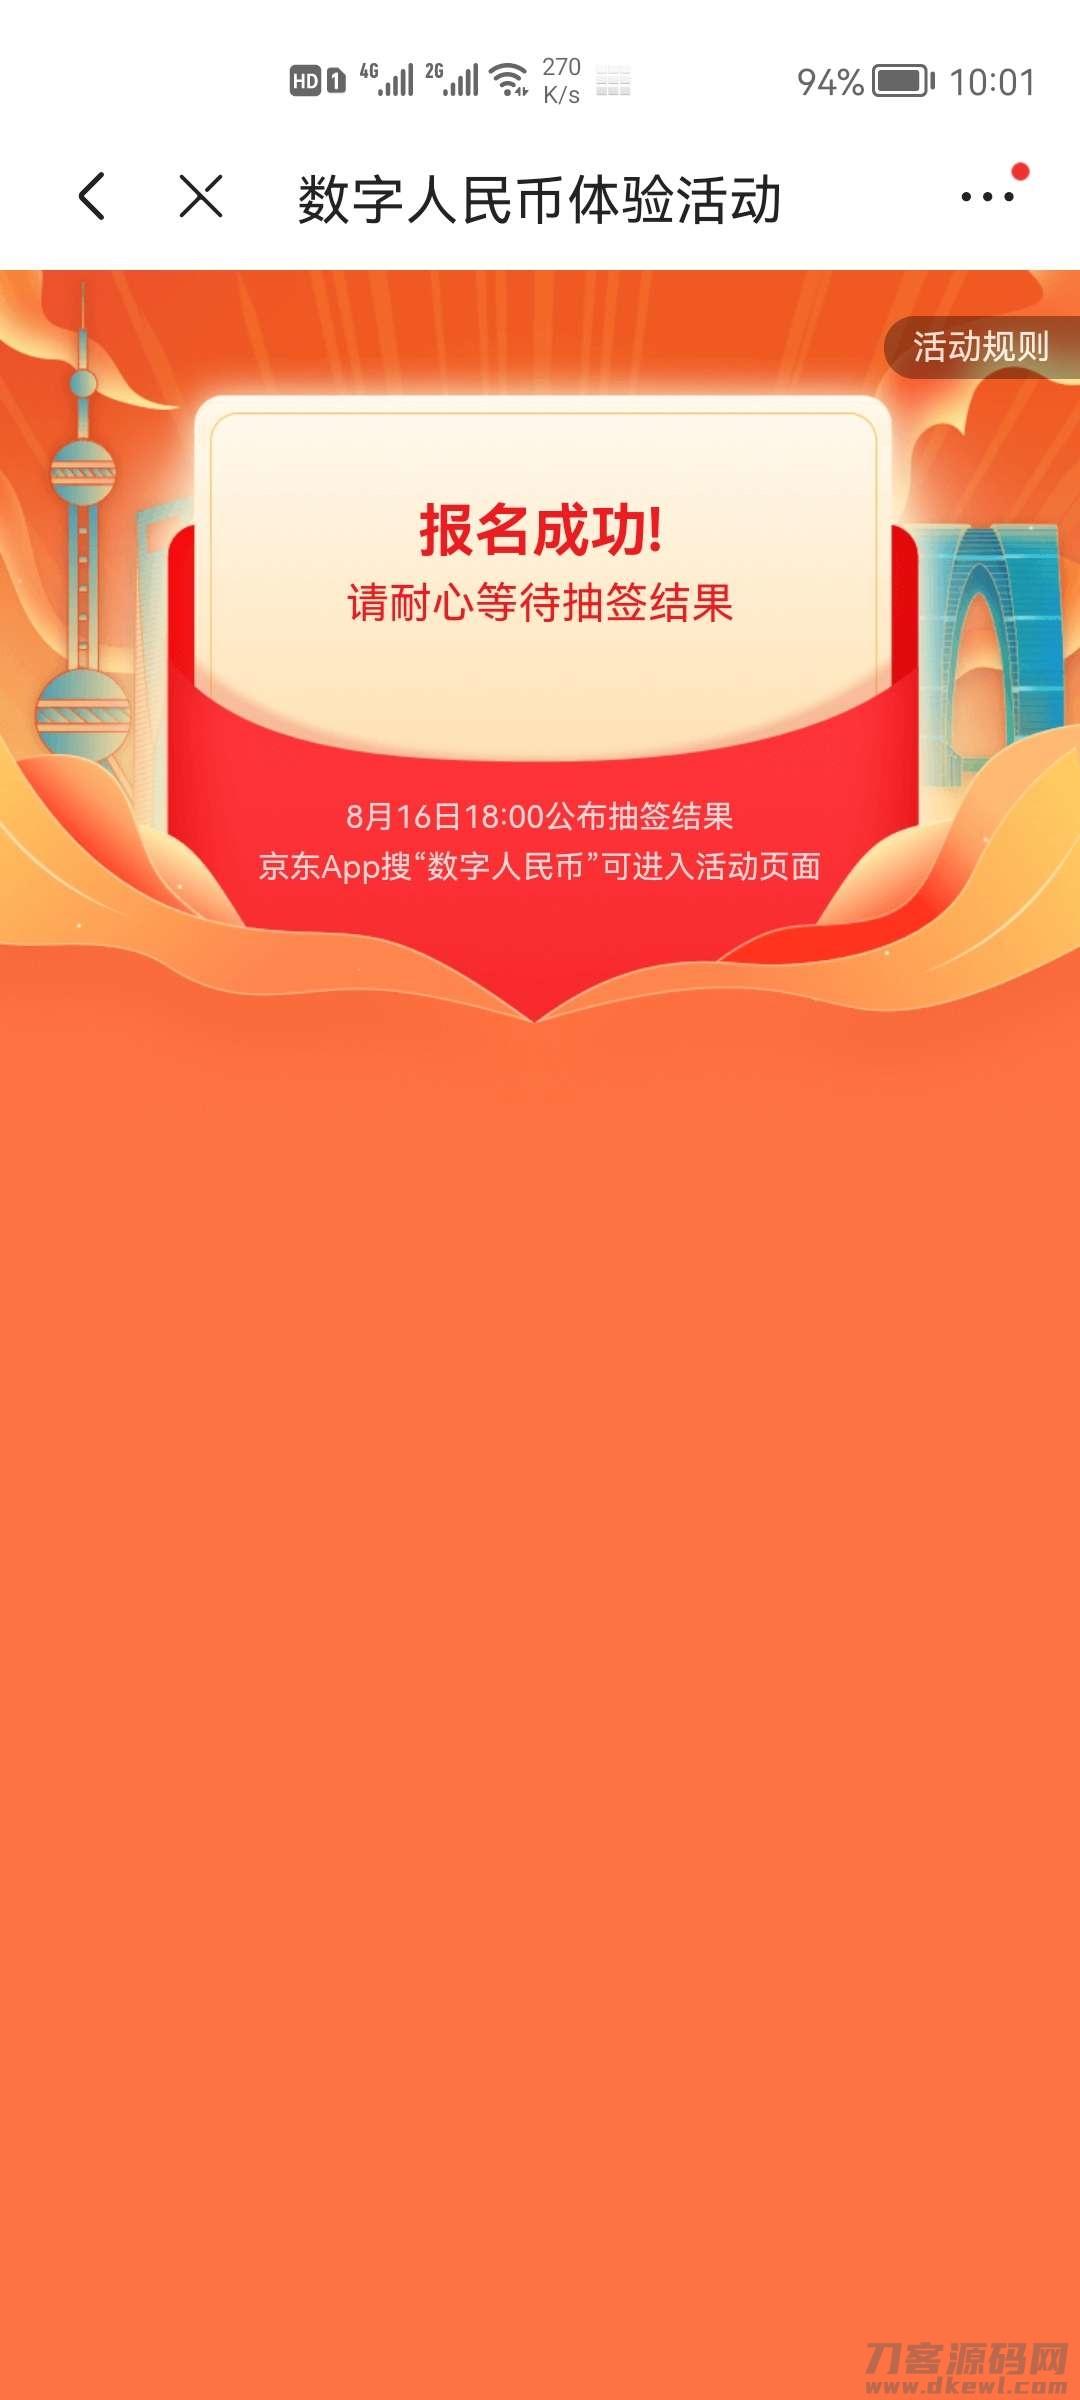 京东数字人民币活动,今天的新活动插图2